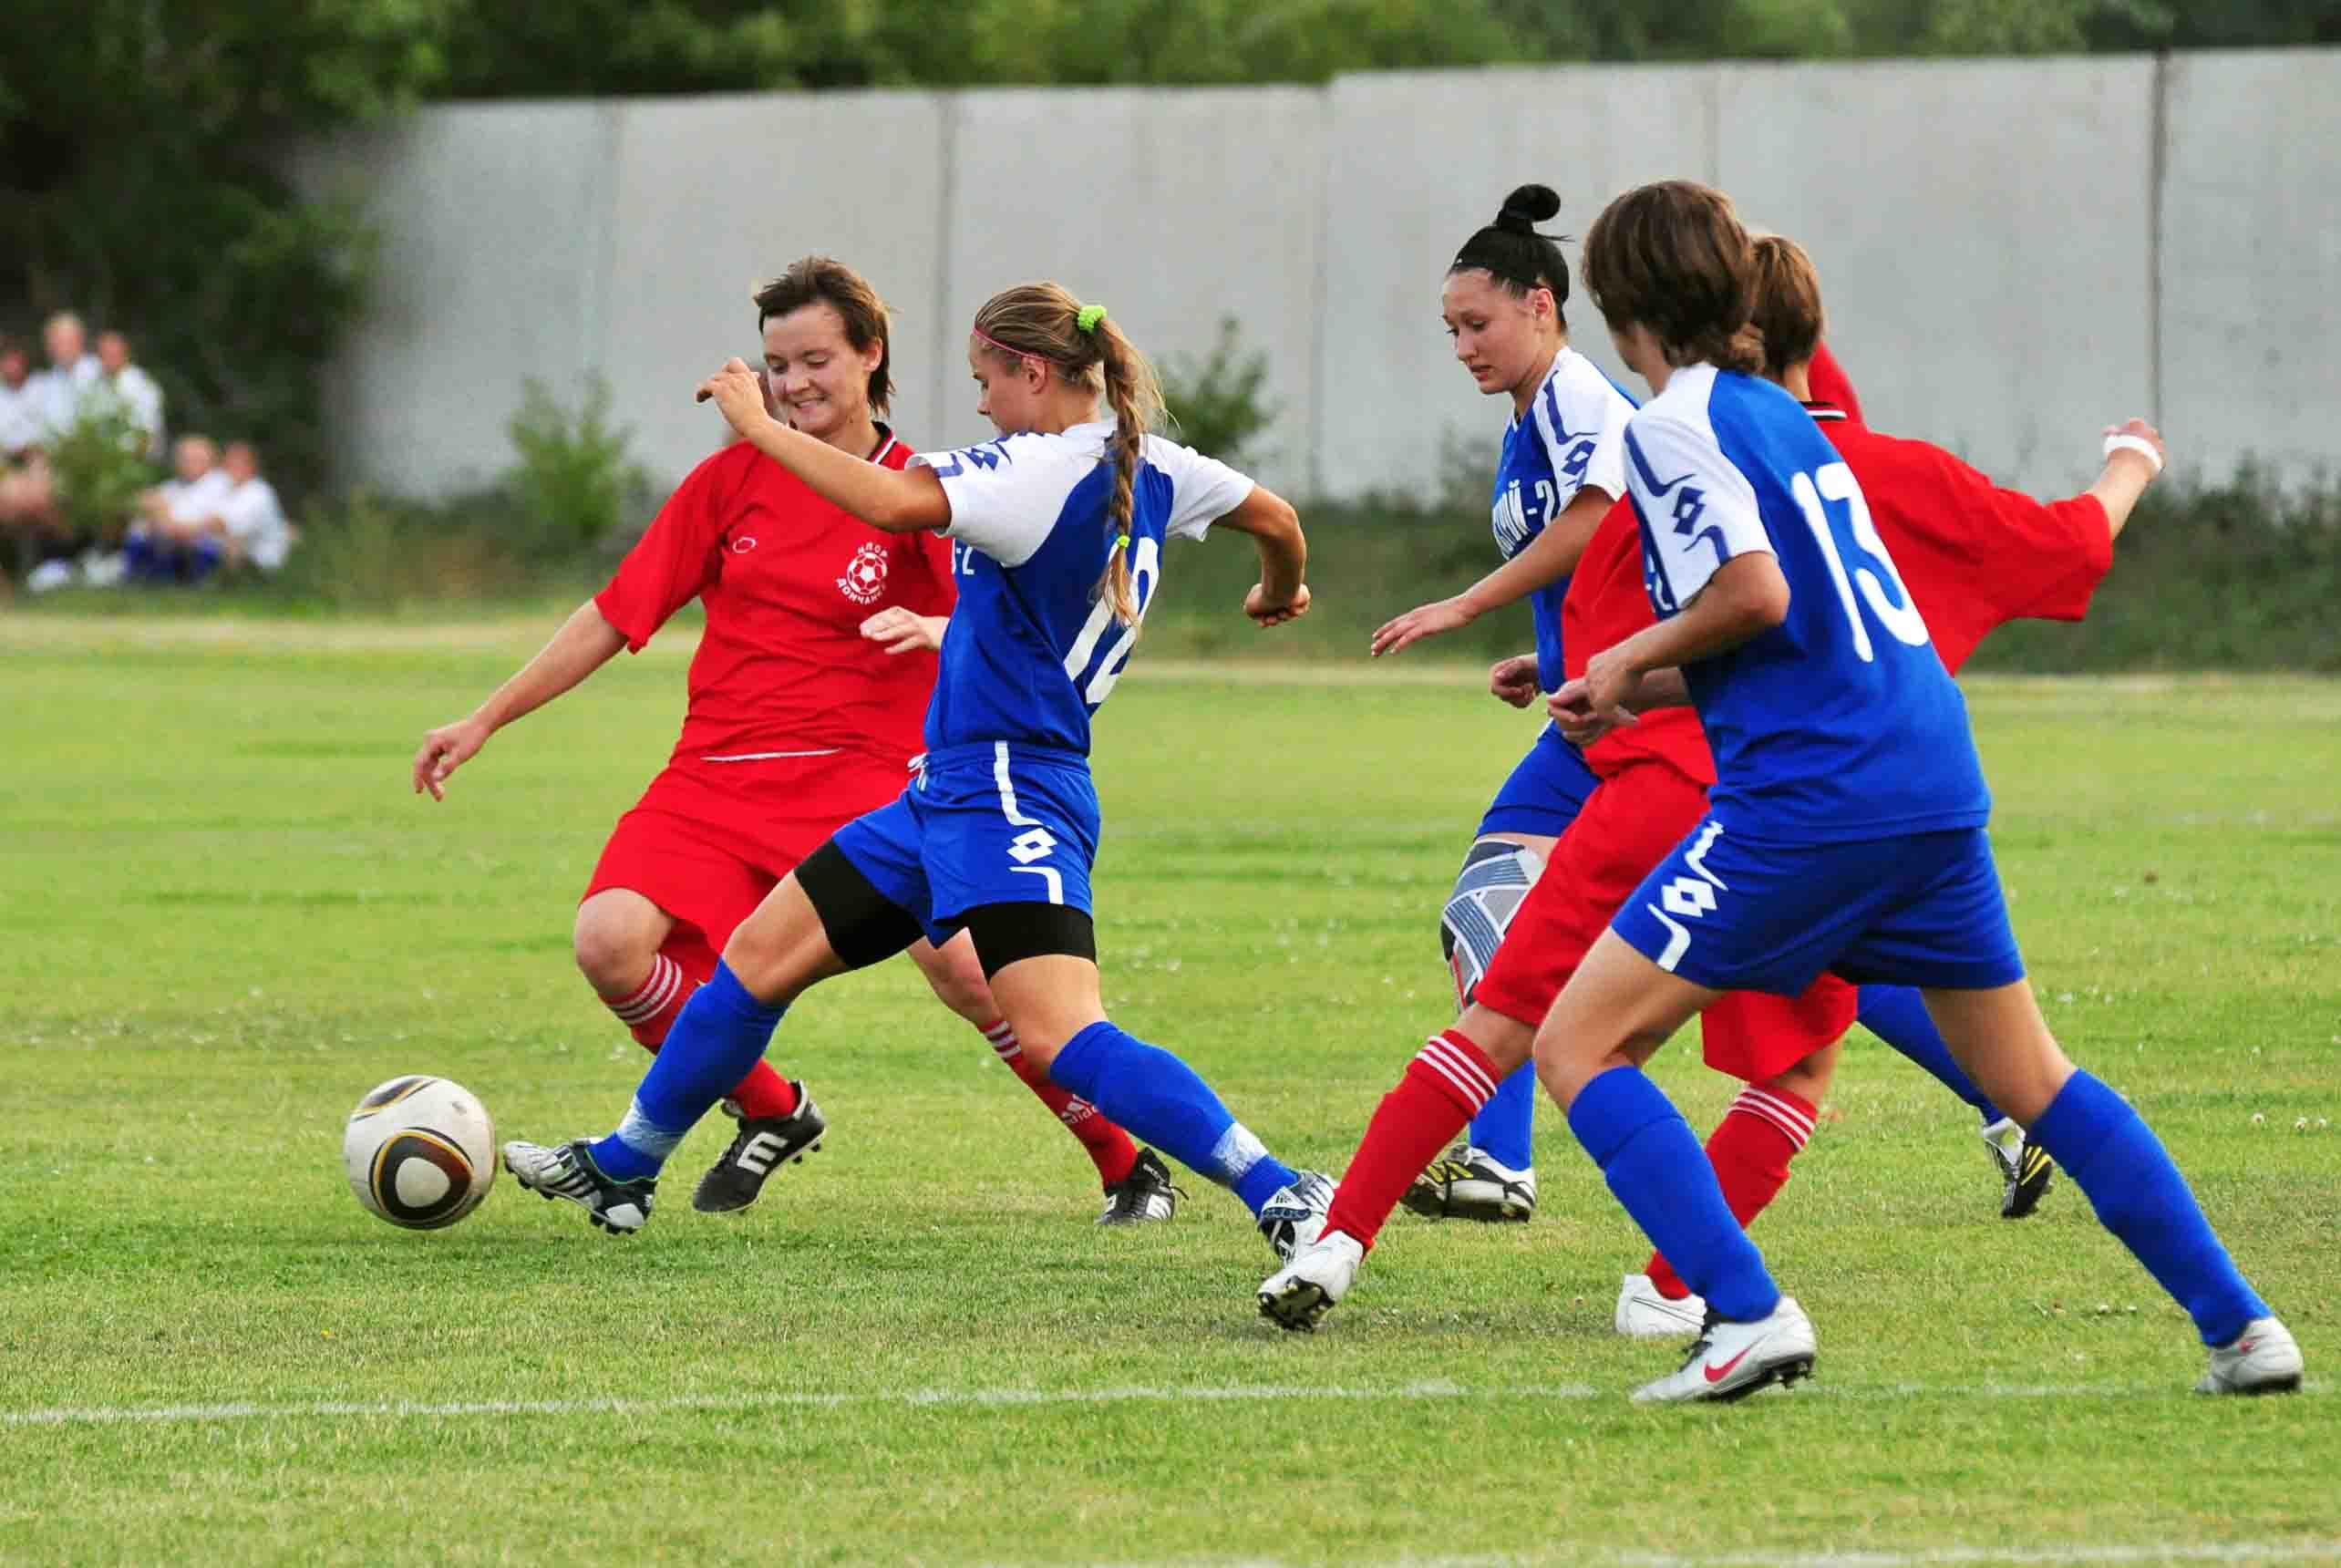 Ужгородська команда з жіночого футболу дебютуватиме у чемпіонаті України